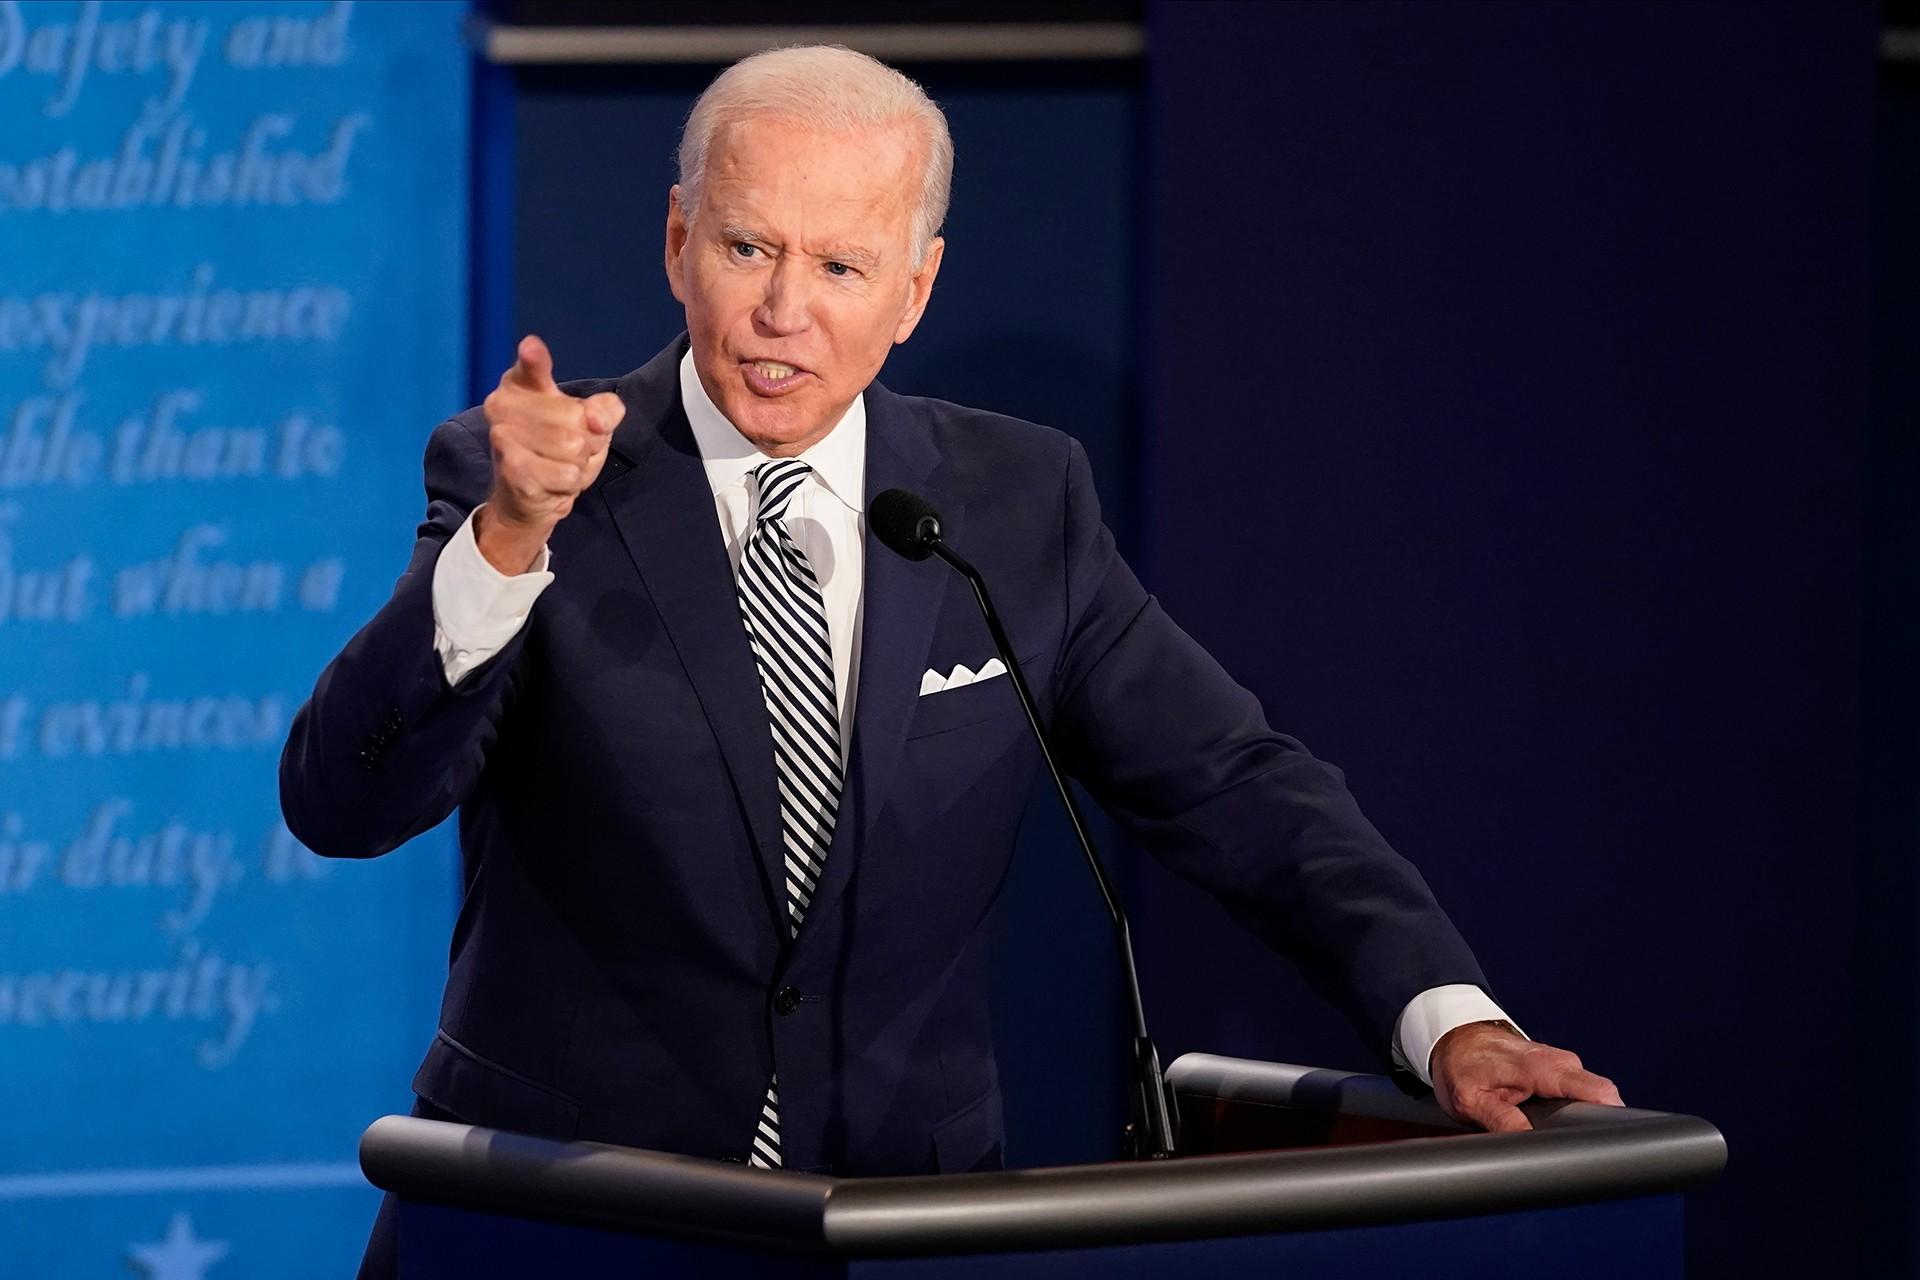 ABD seçimlerinde Joe Biden Georgia'yı da kazanarak delege sayısını 306'ya yükseltti - Evrensel